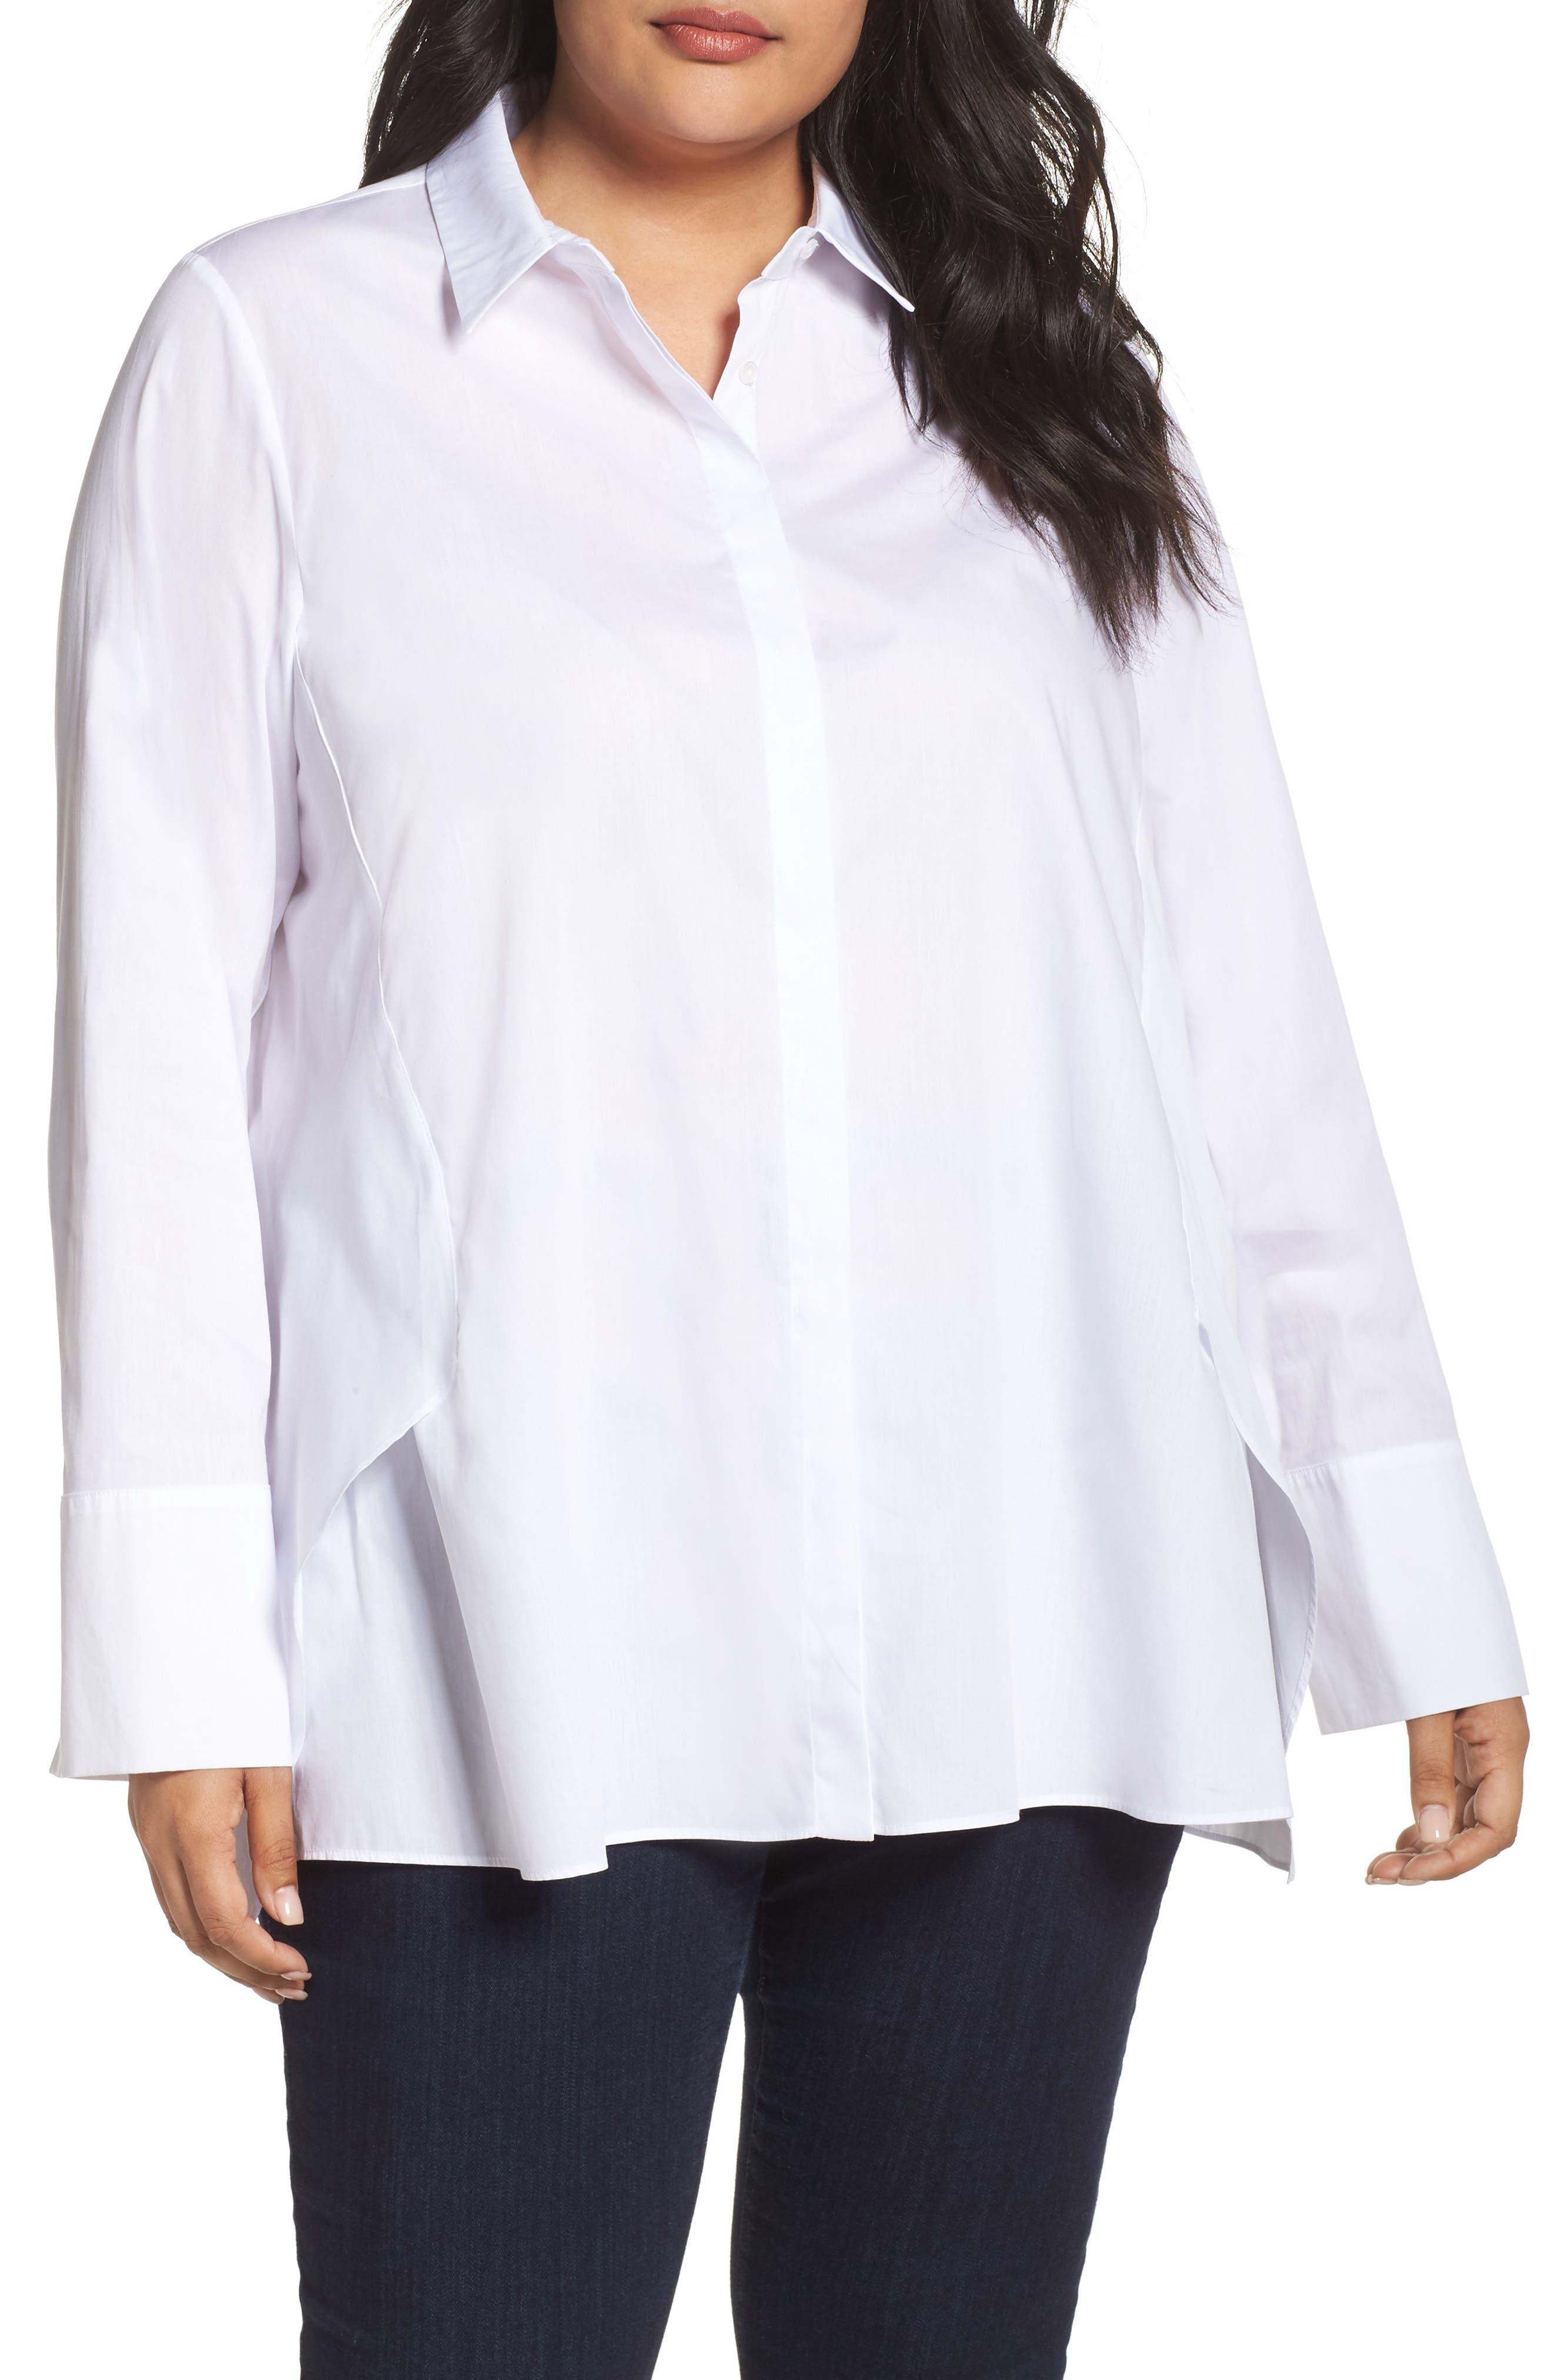 Fato Shirt,                         Main,                         color, White